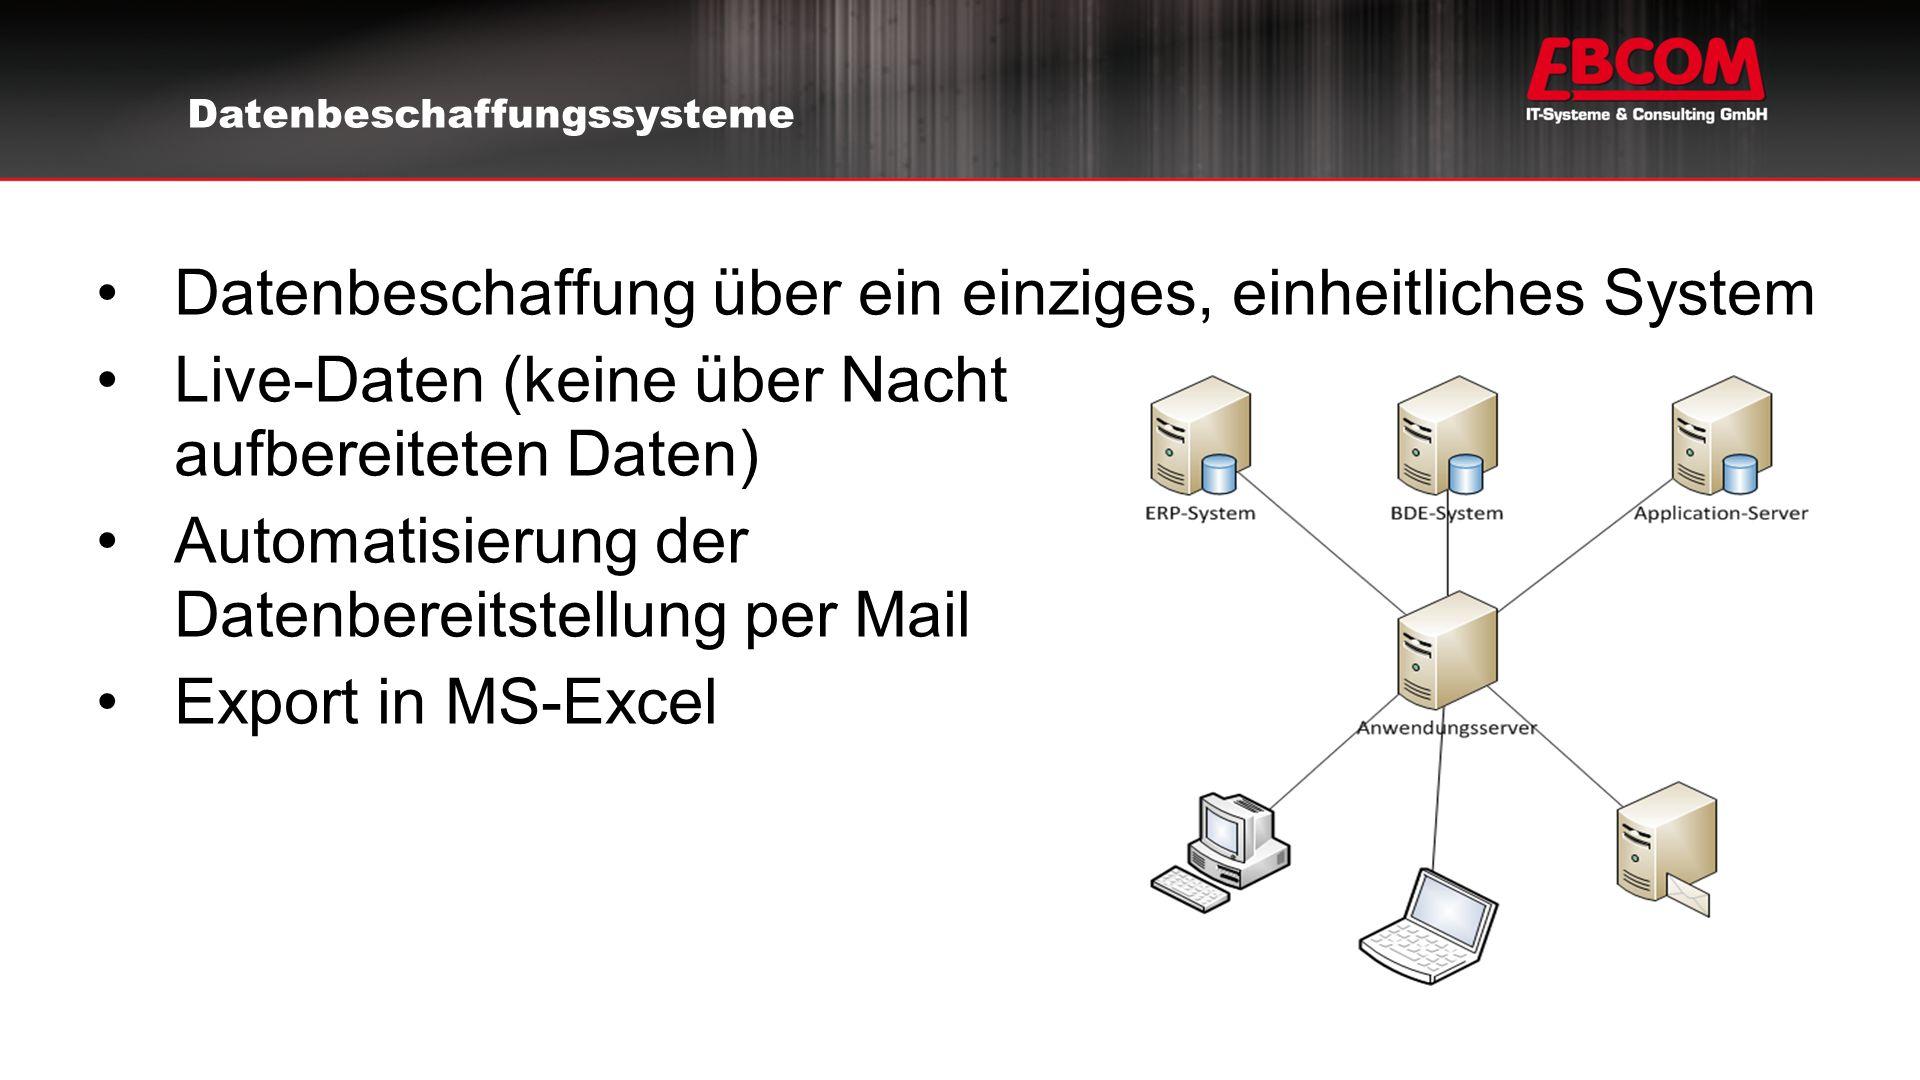 Datenbeschaffung über ein einziges, einheitliches System Live-Daten (keine über Nacht aufbereiteten Daten) Automatisierung der Datenbereitstellung per Mail Export in MS-Excel Datenbeschaffungssysteme